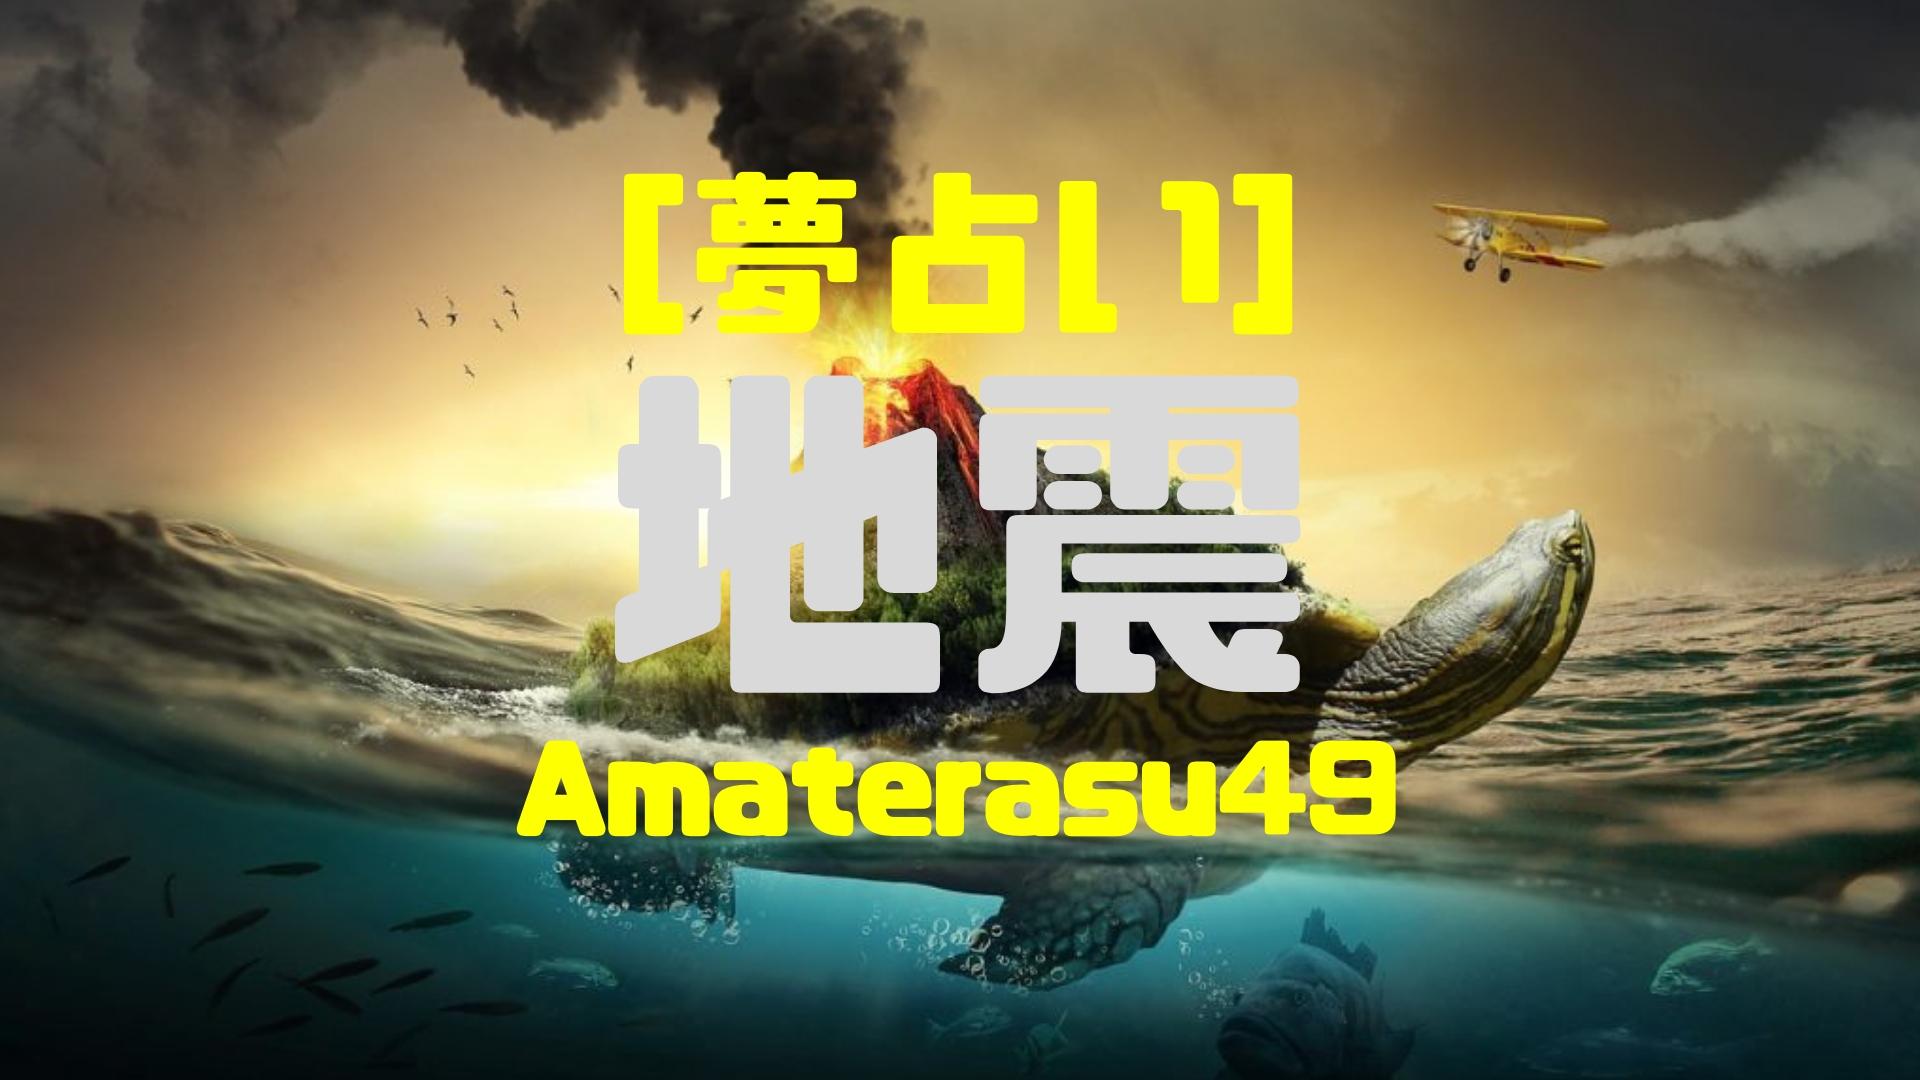 【夢占い】地震に関する夢の意味とは?地震に遭った場所や安否ごとに夢の意味を解釈!